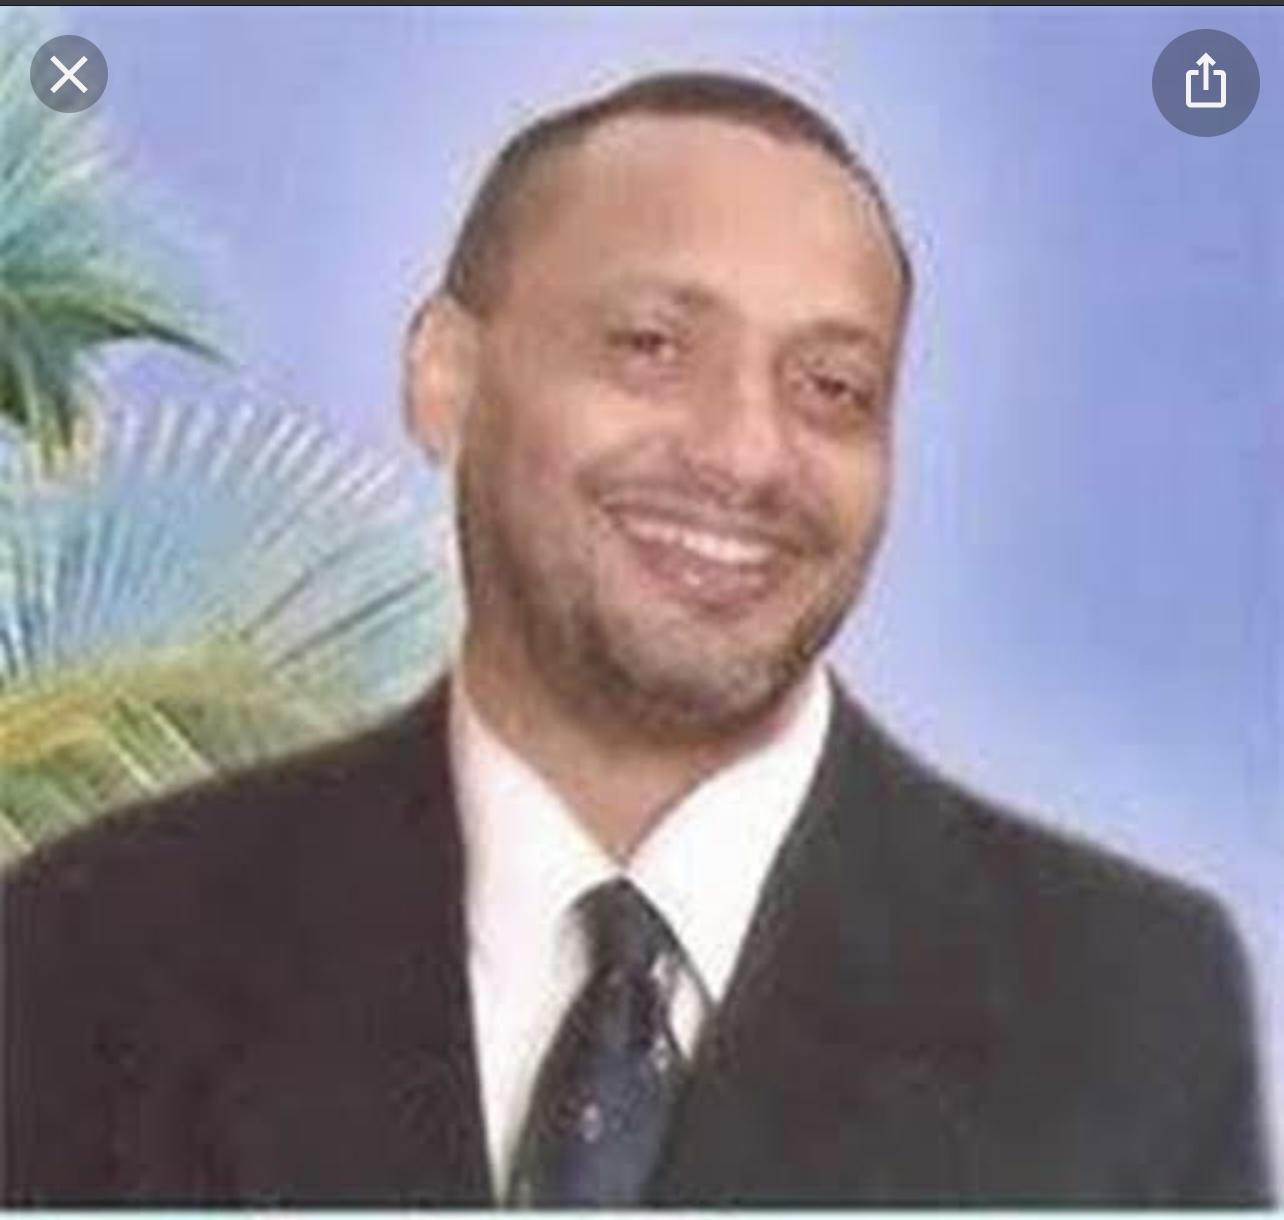 Advogado Almir Silva Neto foi assassinado- Foto: Reprodução